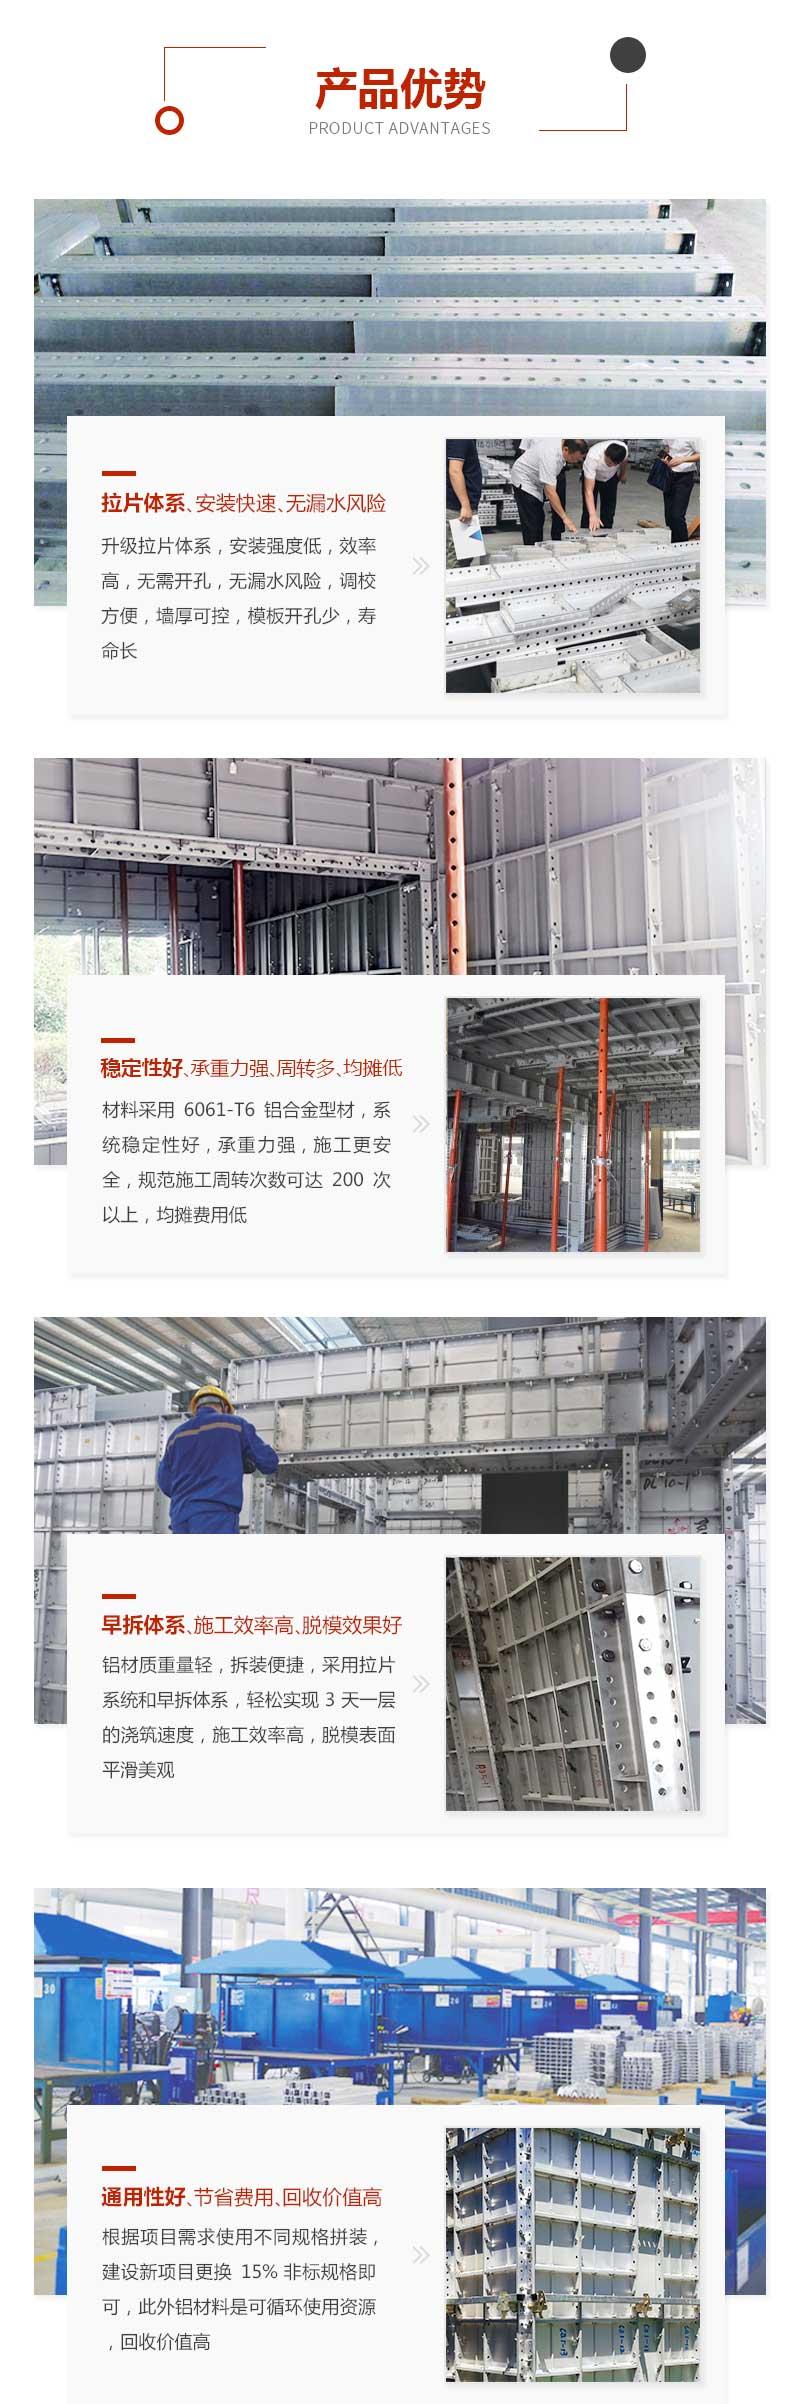 建筑铝合金模板厂家优势